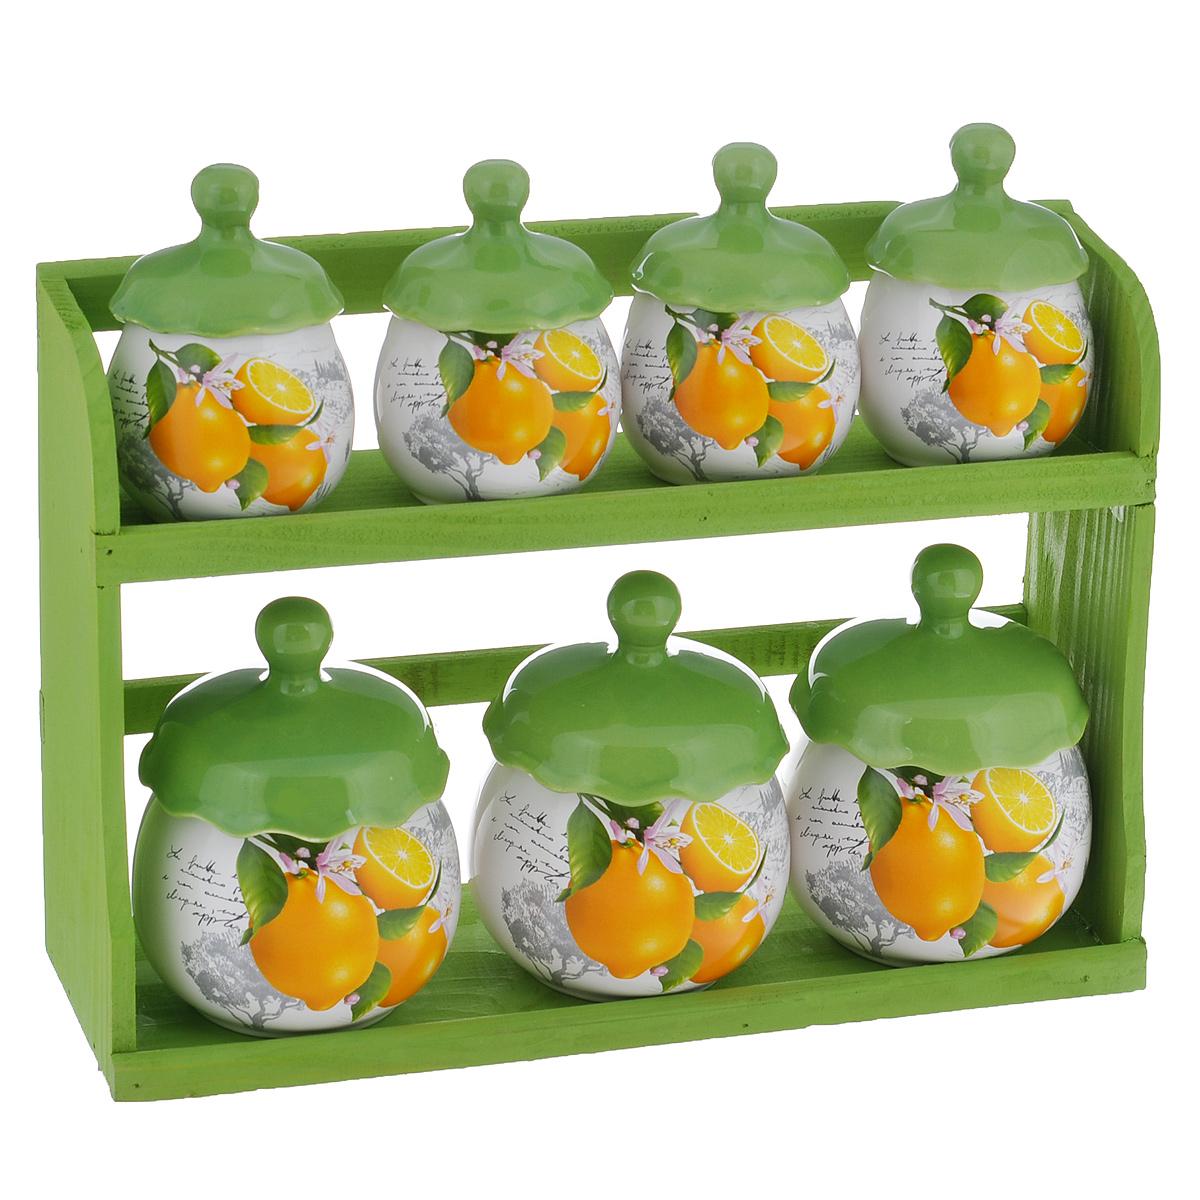 Набор банок для хранения сыпучих продуктов Лимоны, цвет: зеленый, белый, 8 предметовDFC00124-02207 W 7/SНабор Лимоны состоит из трех больших банок, четырех маленьких банок и подставки. Предметы набора изготовлены из доломитовой керамики и декорированы изображением лимонов. Изделия помещаются на удобную деревянную подставку. Оригинальный дизайн, эстетичность и функциональность набора позволят ему стать достойным дополнением к кухонному инвентарю. Можно мыть в посудомоечной машине на минимальной температуре. Диаметр основания большой емкости: 6 см. Высота большой емкости (без учета крышки): 8 см. Диаметр основания маленькой емкости: 4,8 см. Высота маленькой емкости (без учета крышки): 6 см. Размер подставки: 22 см х 10,5 см х 32,5 см.